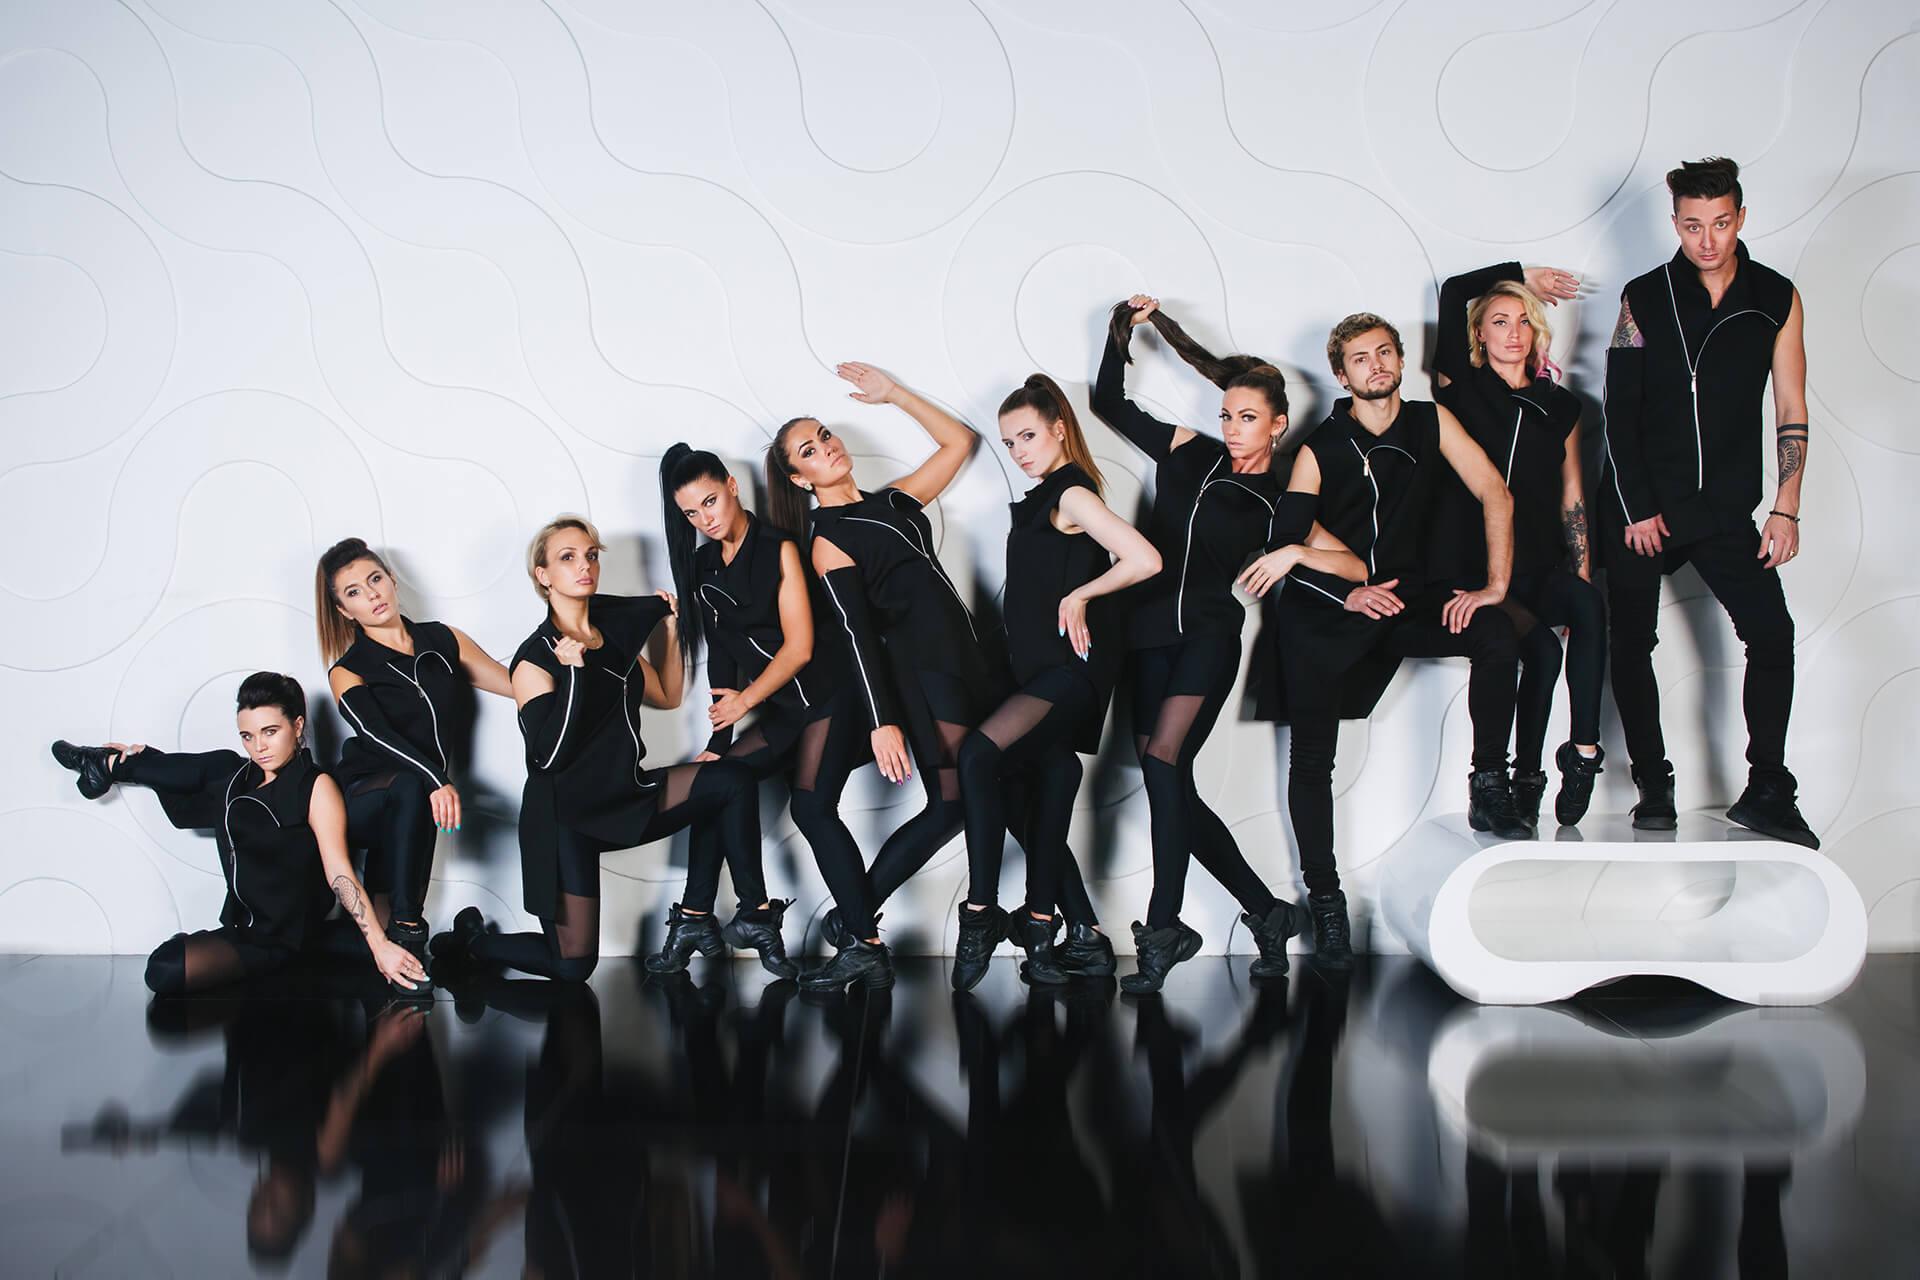 девушки уже фотосессия для танцевального коллектива ещё, бросая цветные